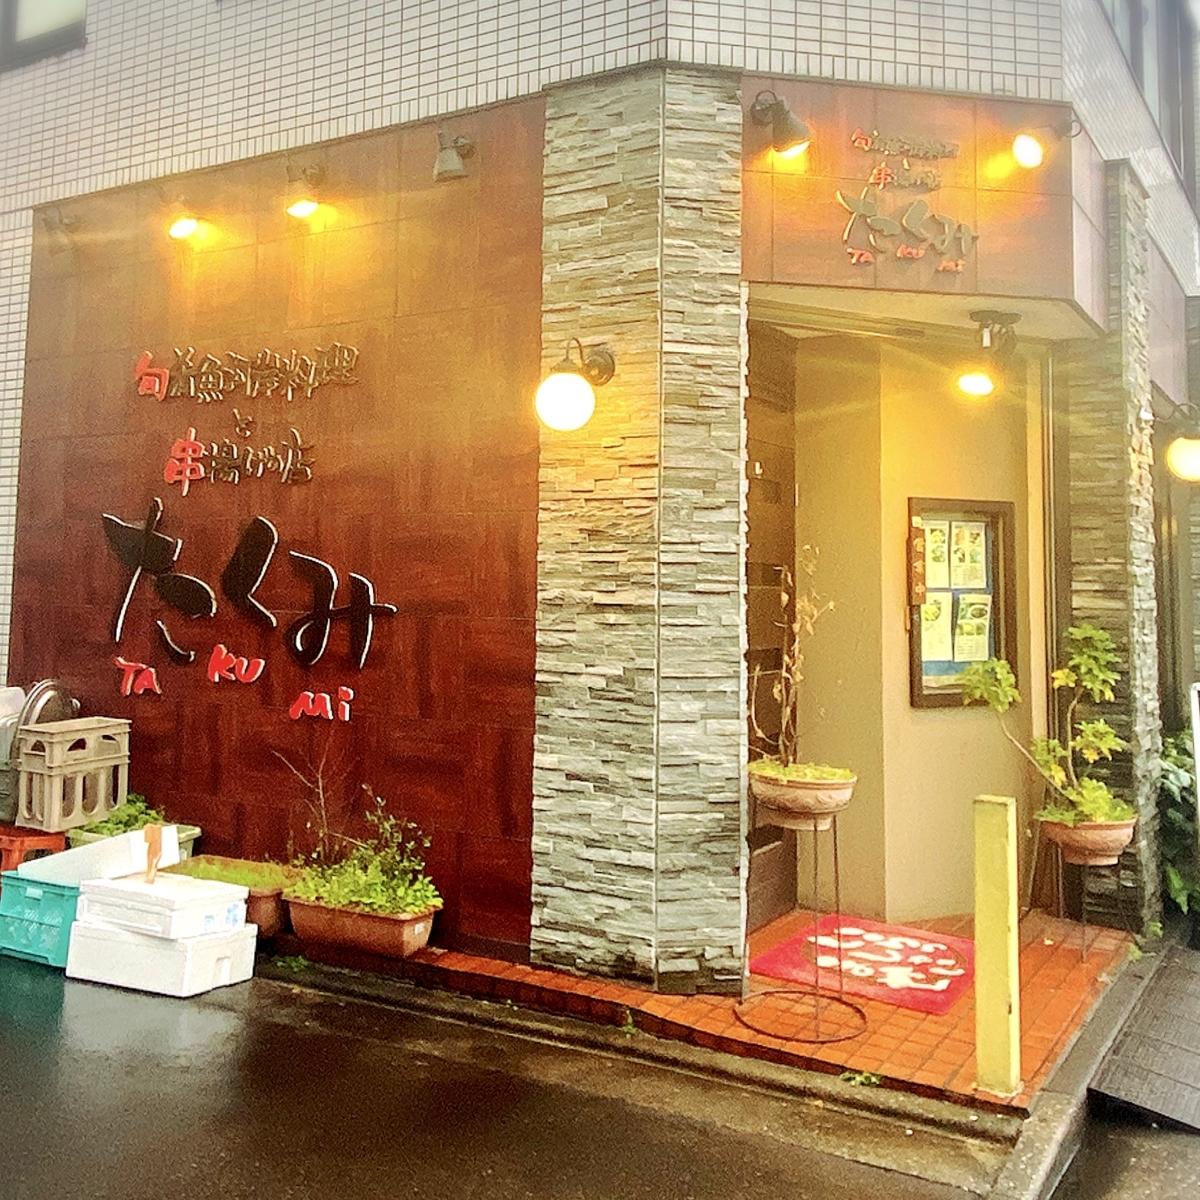 和食と日本酒のお店 たくみ 赤羽本店の外観